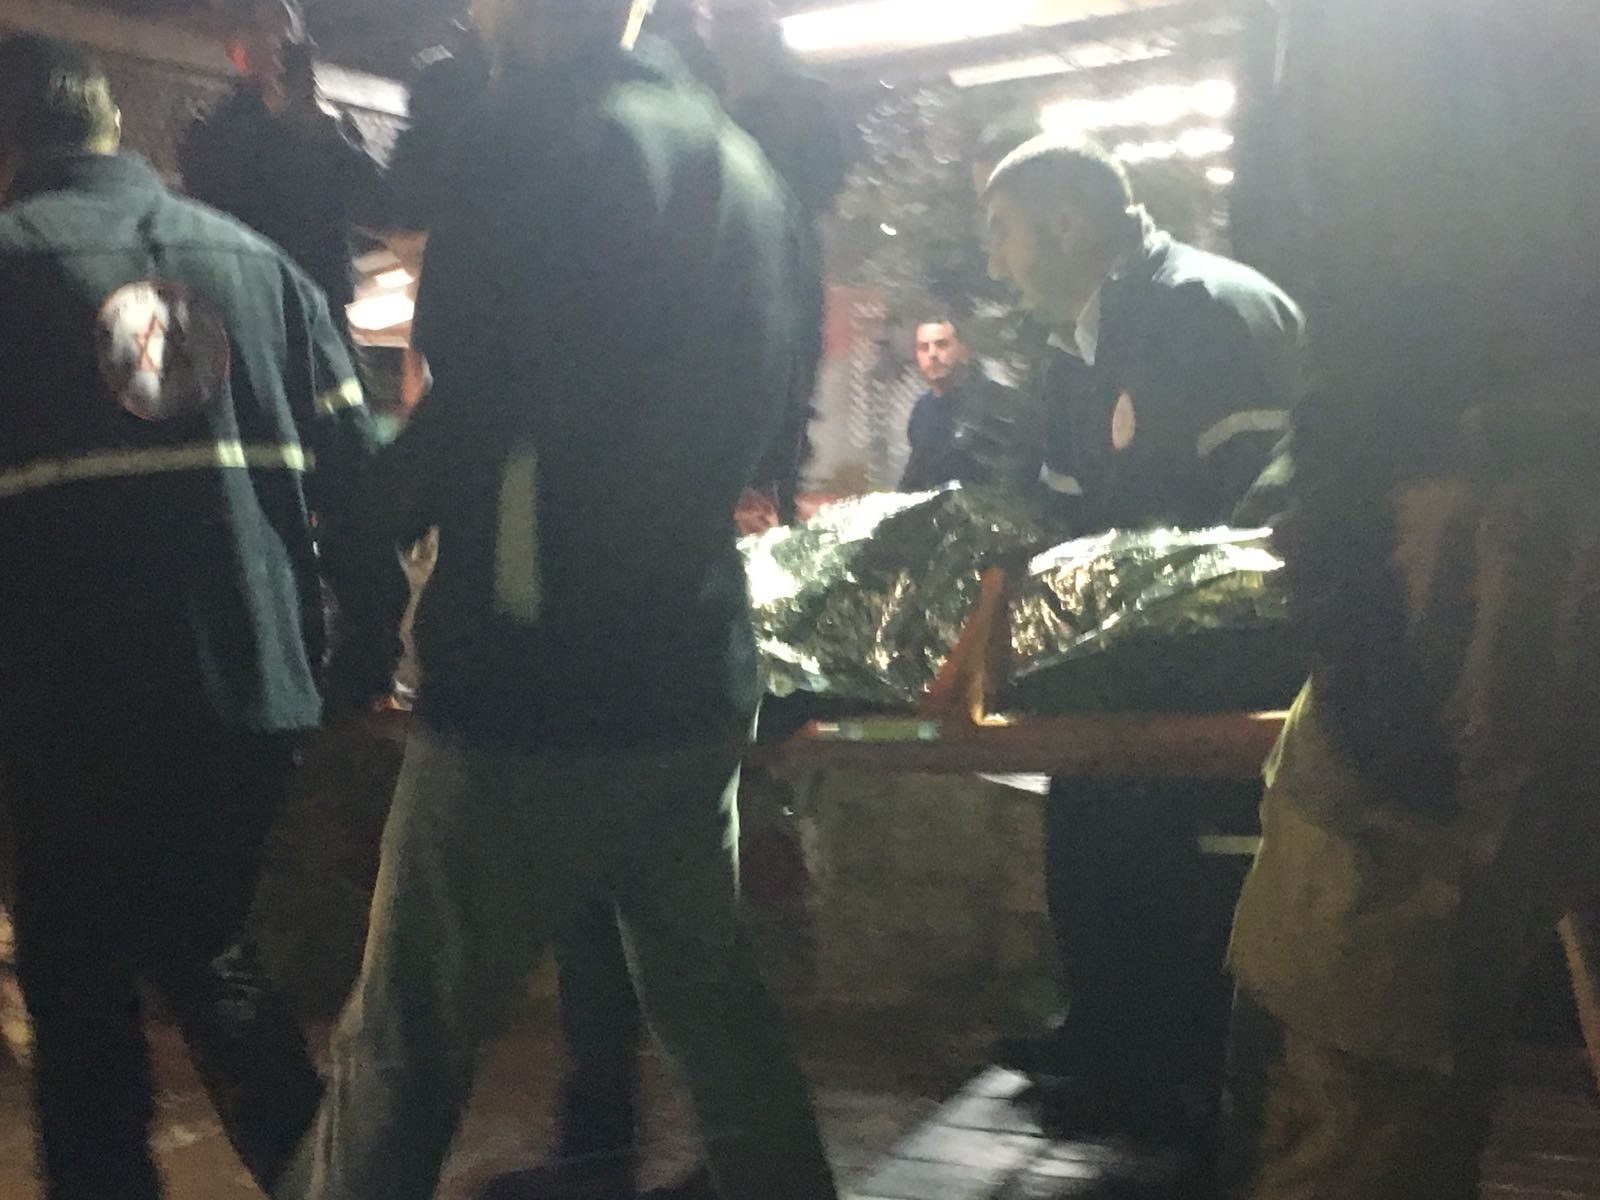 كفرقاسم : اصابة فلسطيني و شرطي في ملاحقة بوليسية ليلية